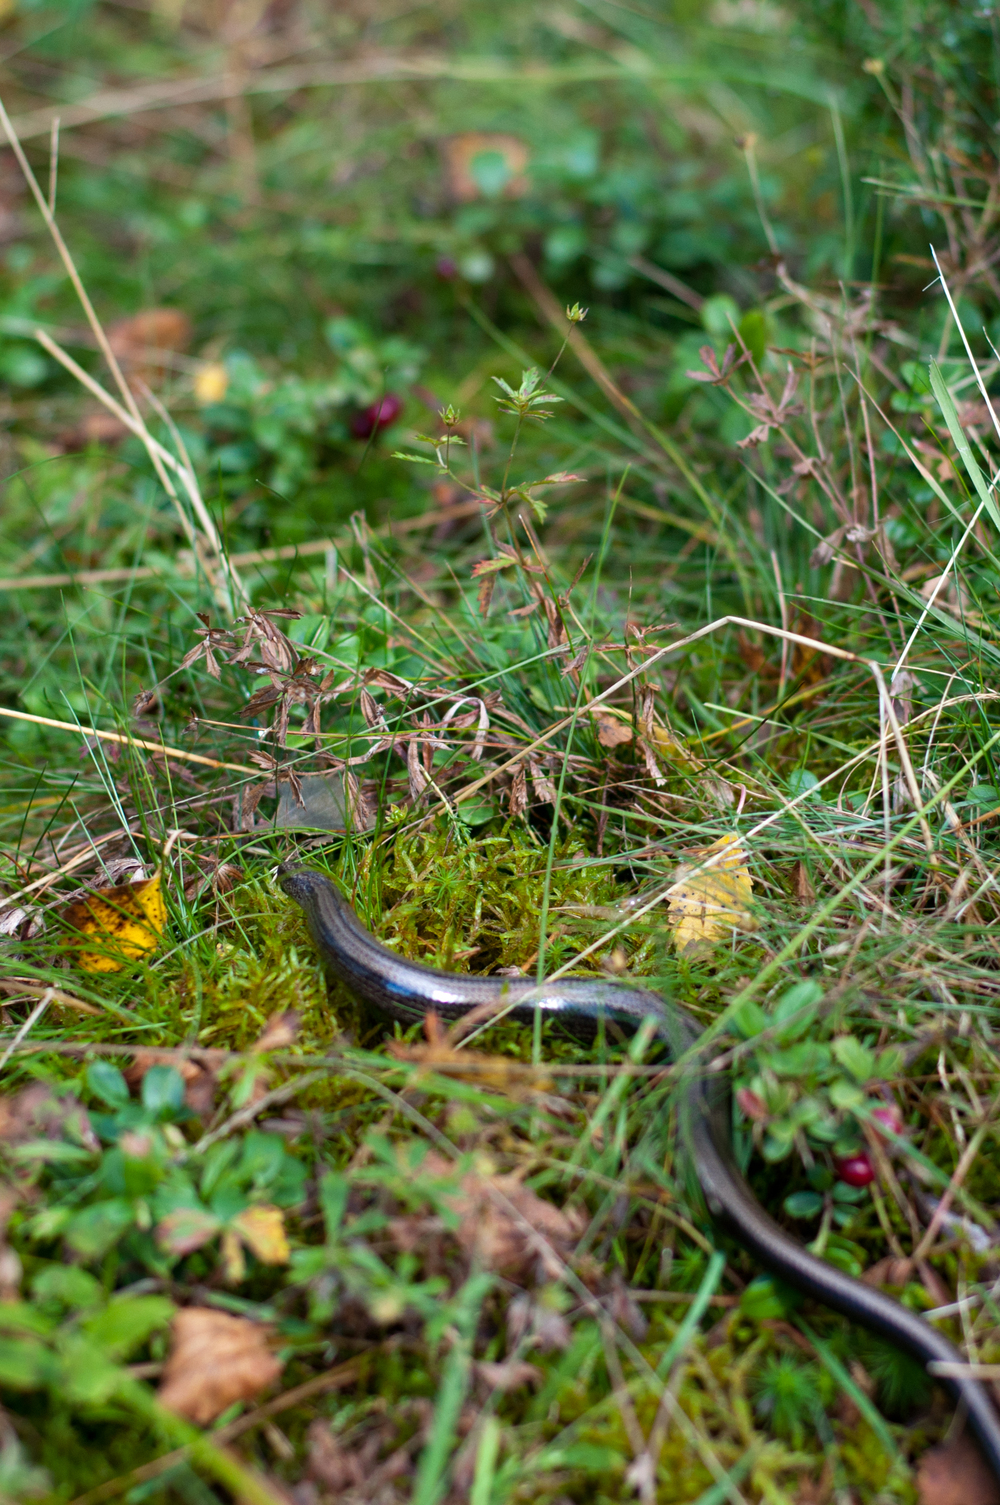 Garden Snake in Norway